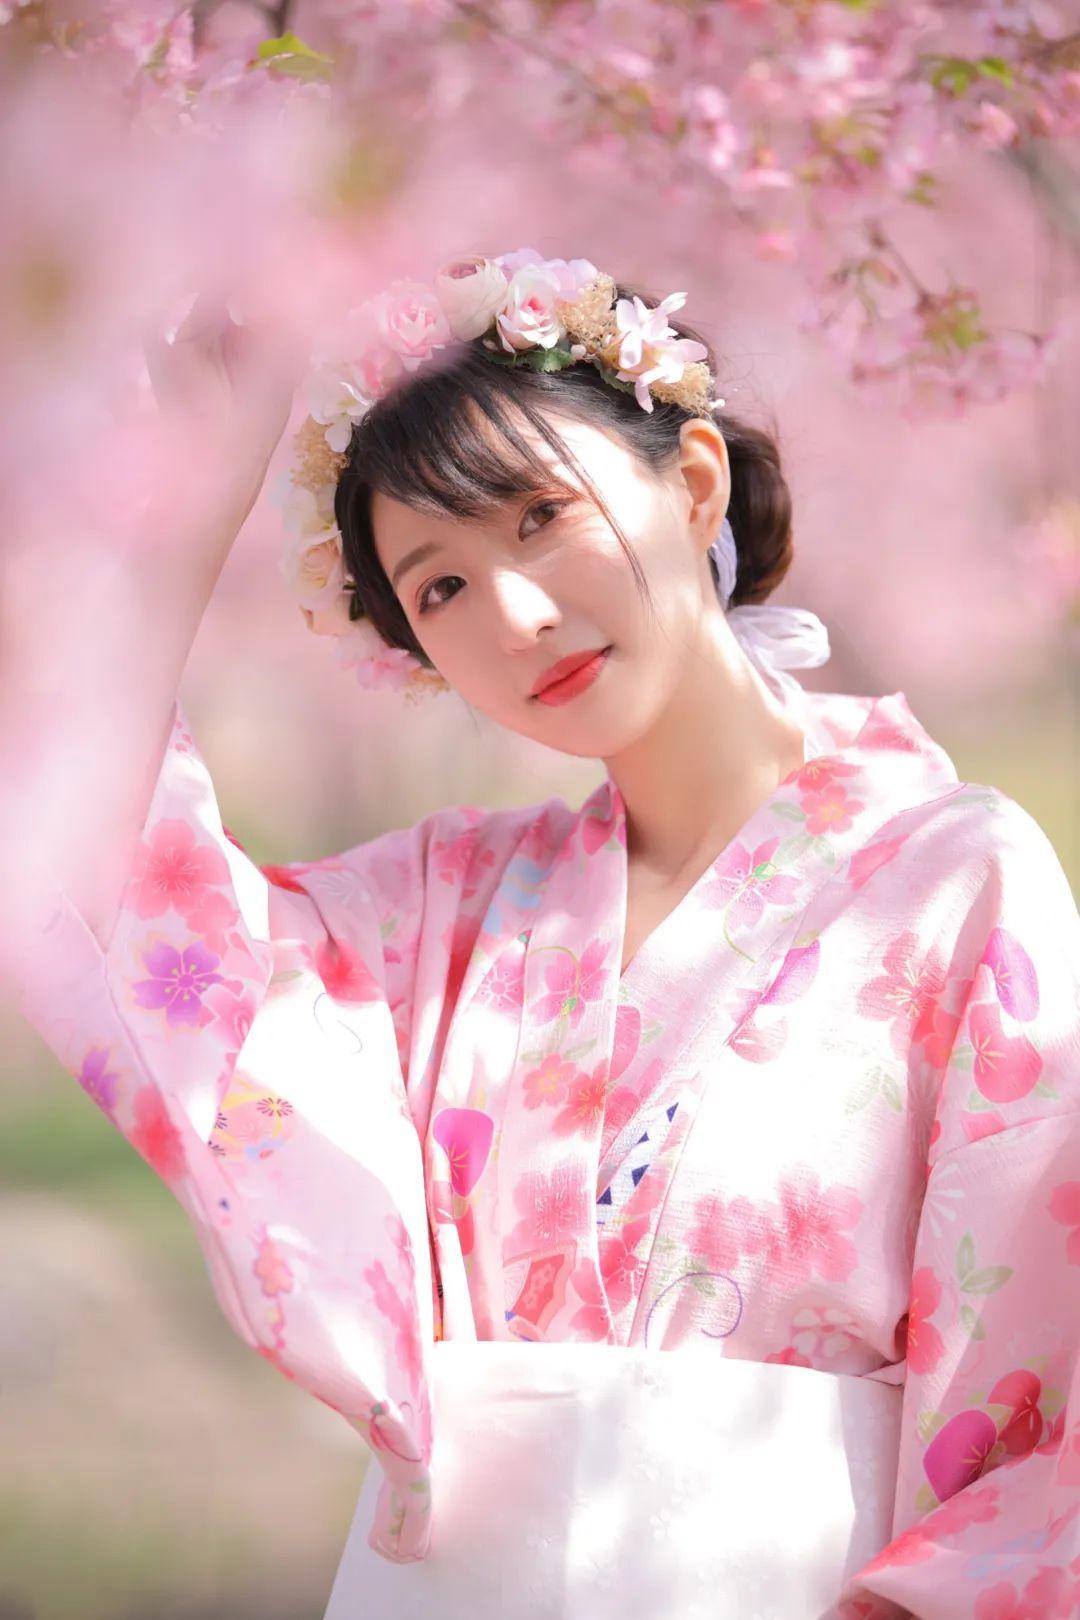 妹子摄影 – 粉粉的日系少女樱花树下写真_图片 No.13